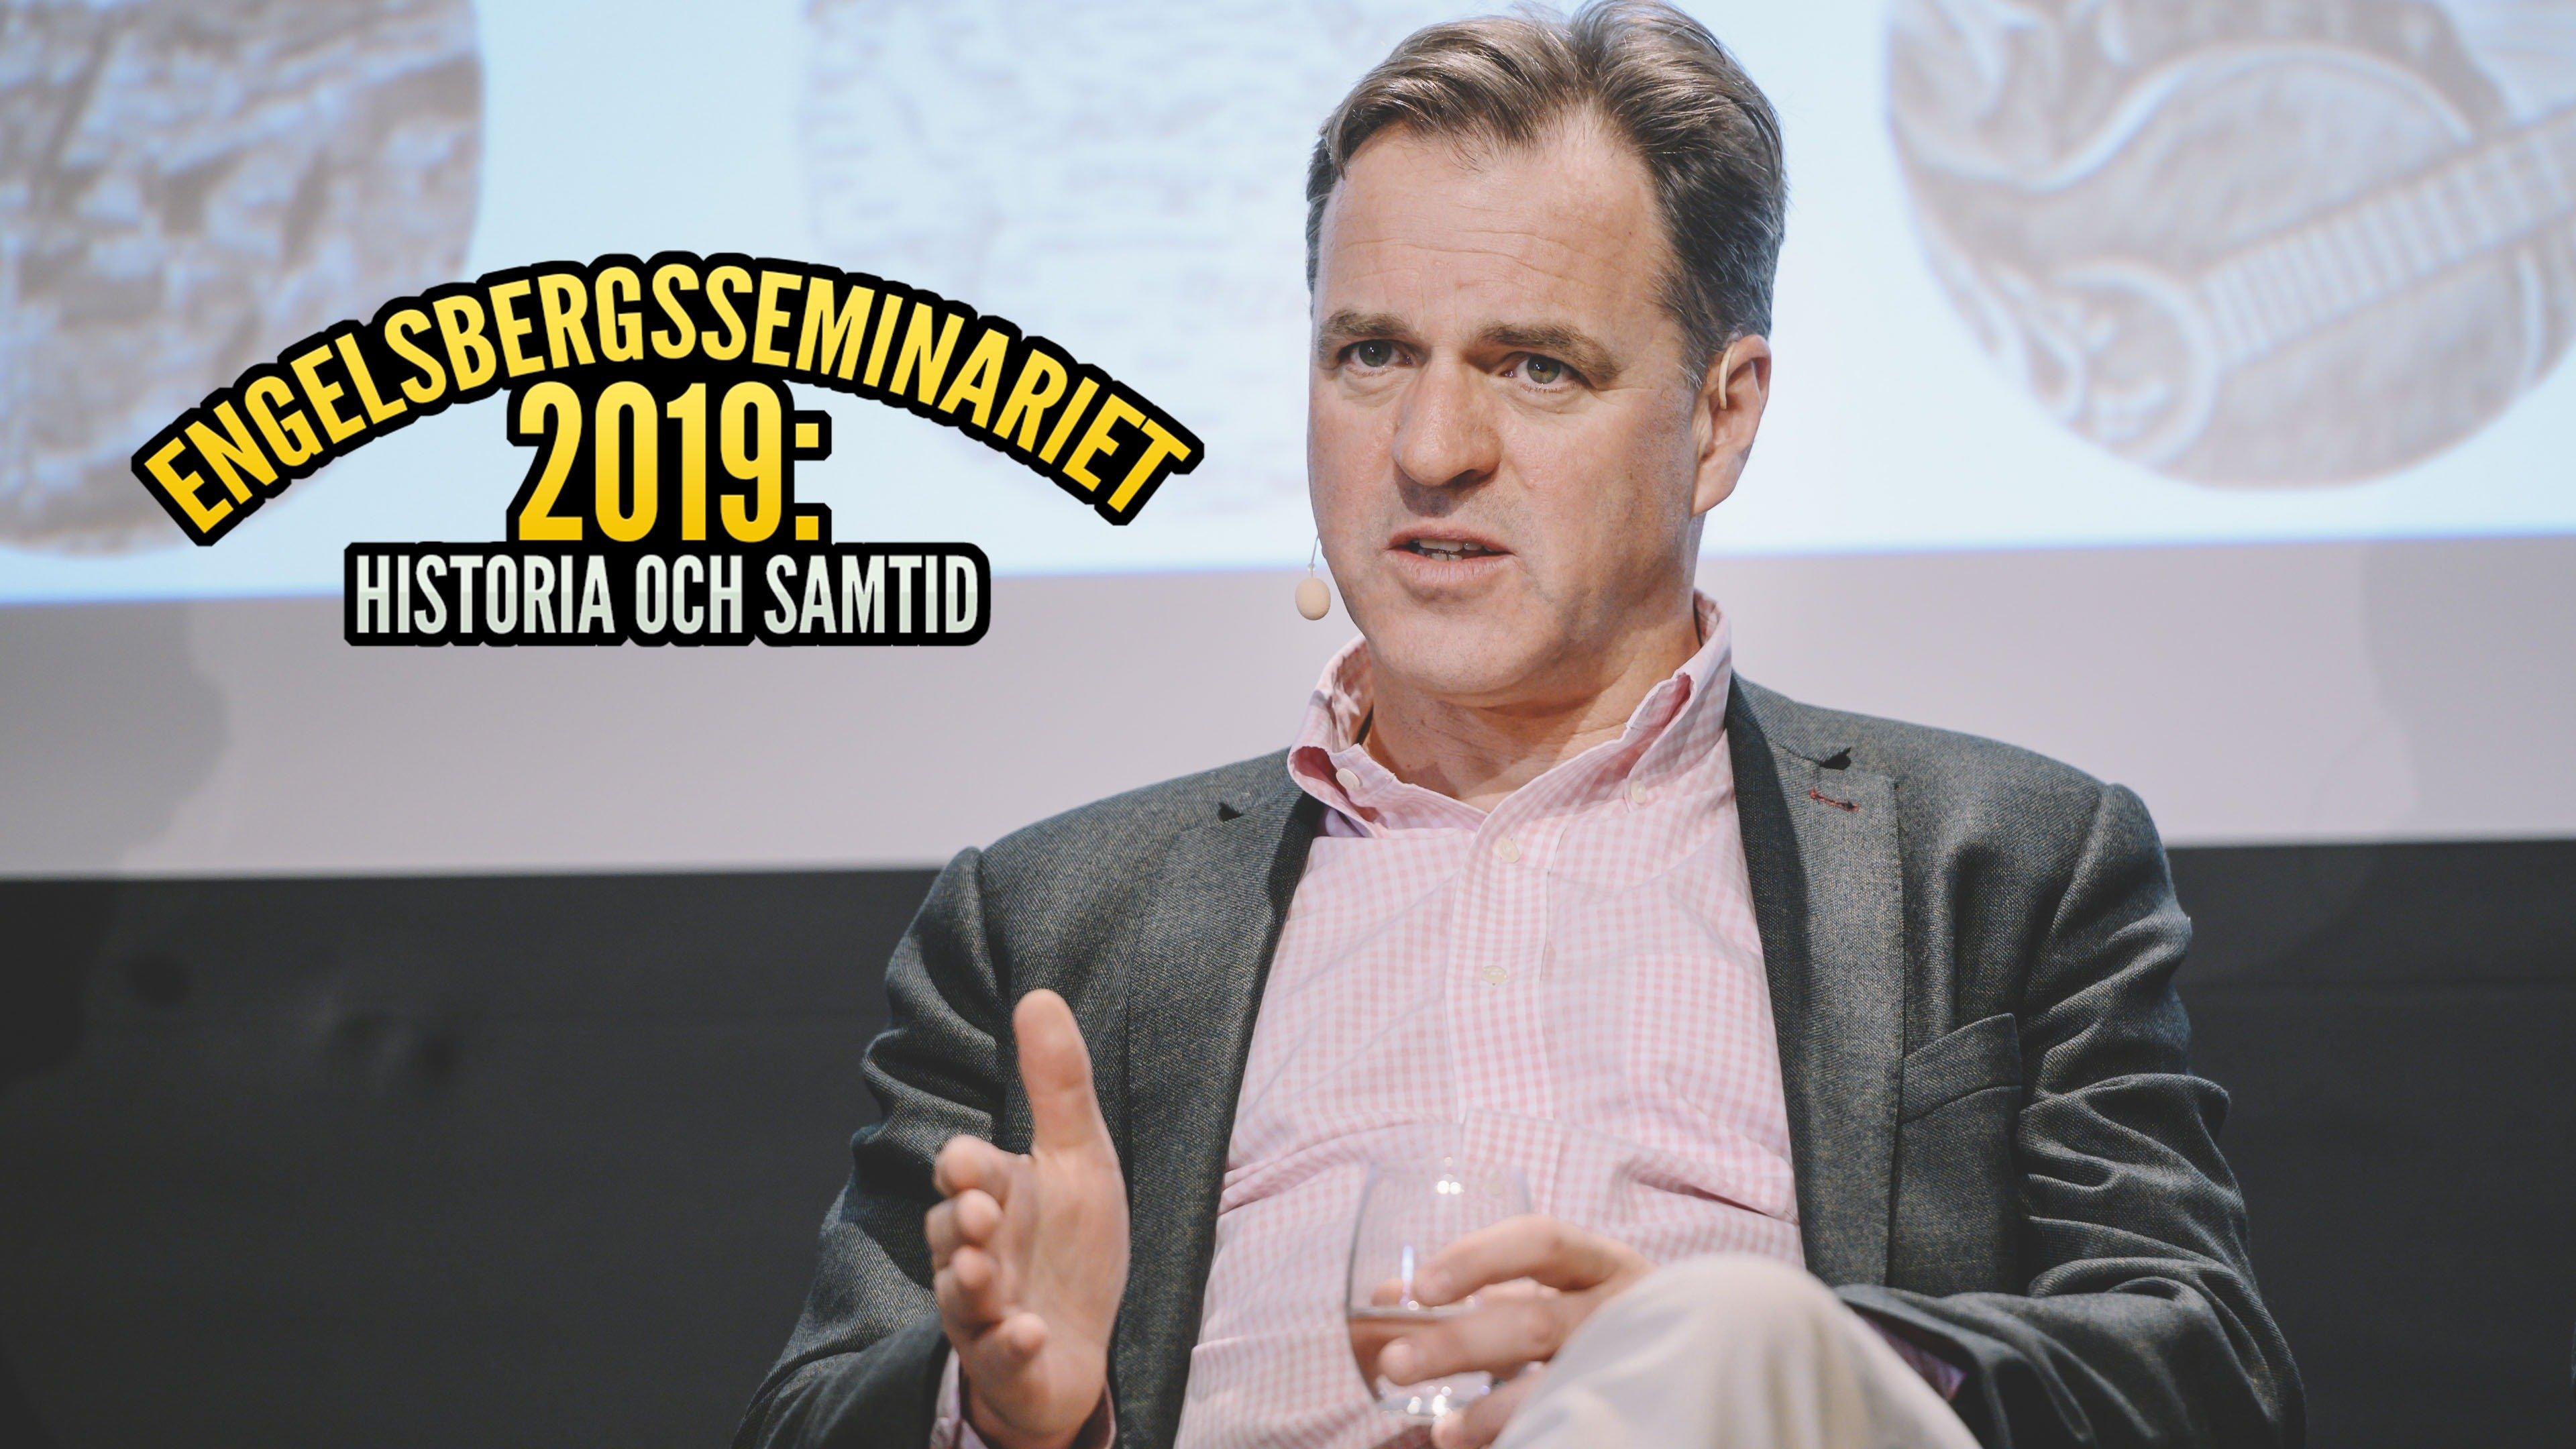 Engelsbergsseminariet 2019: Historia och samtid